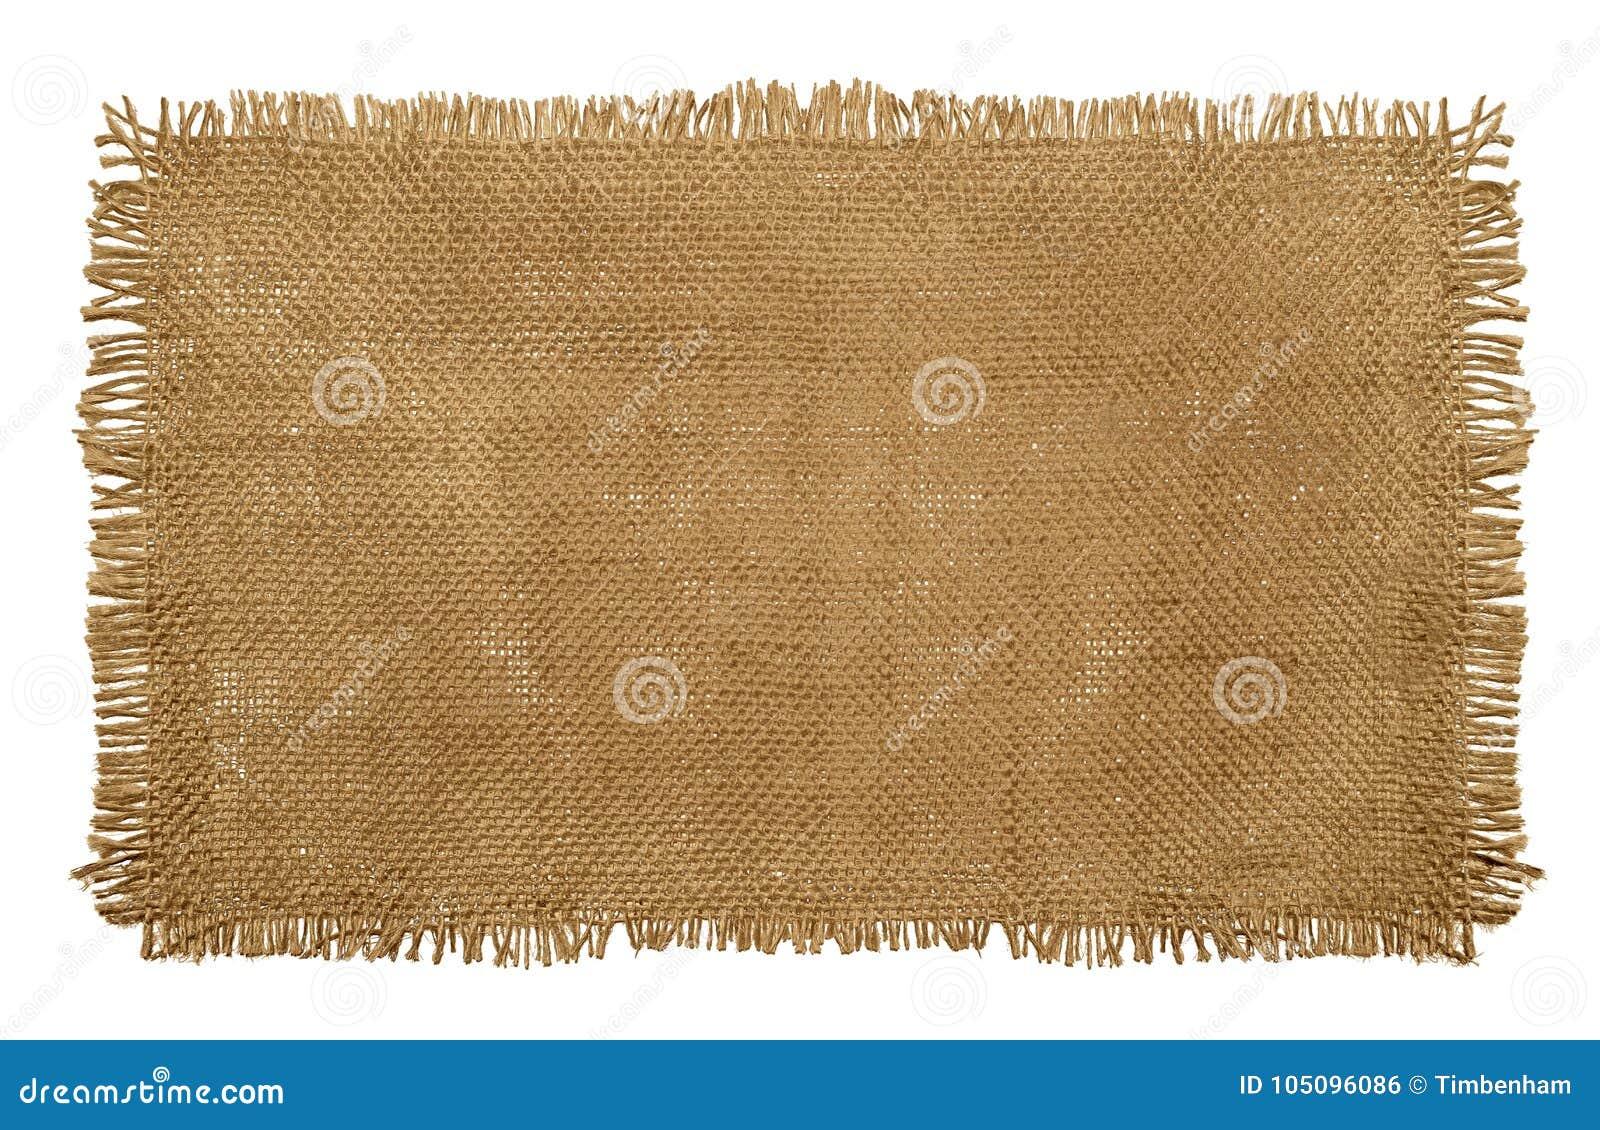 Материал мешка мешковины гессенский при worn изнашиваемые края изолированные дальше